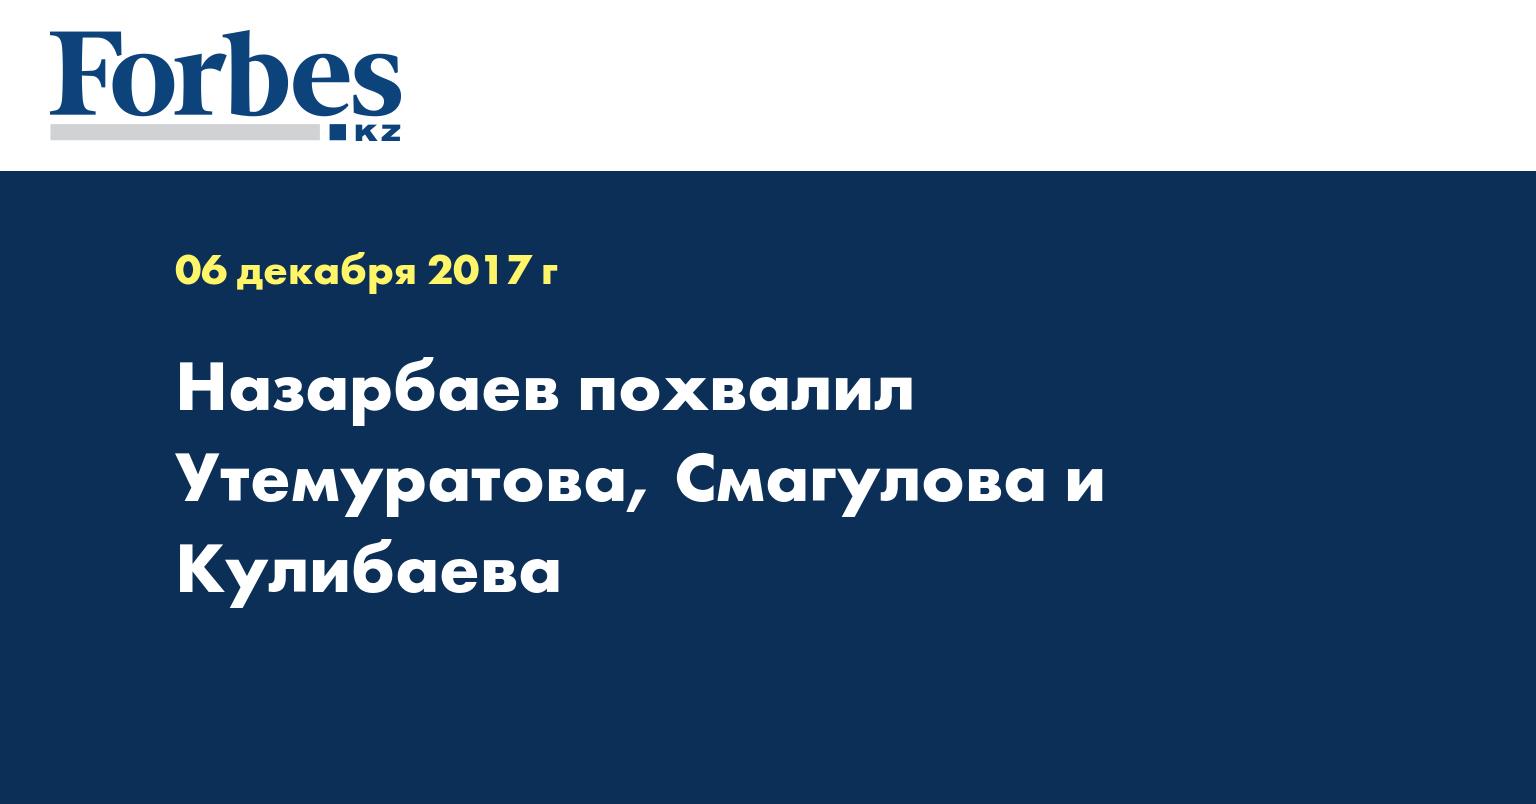 Назарбаев похвалил Утемуратова, Смагулова и Кулибаева